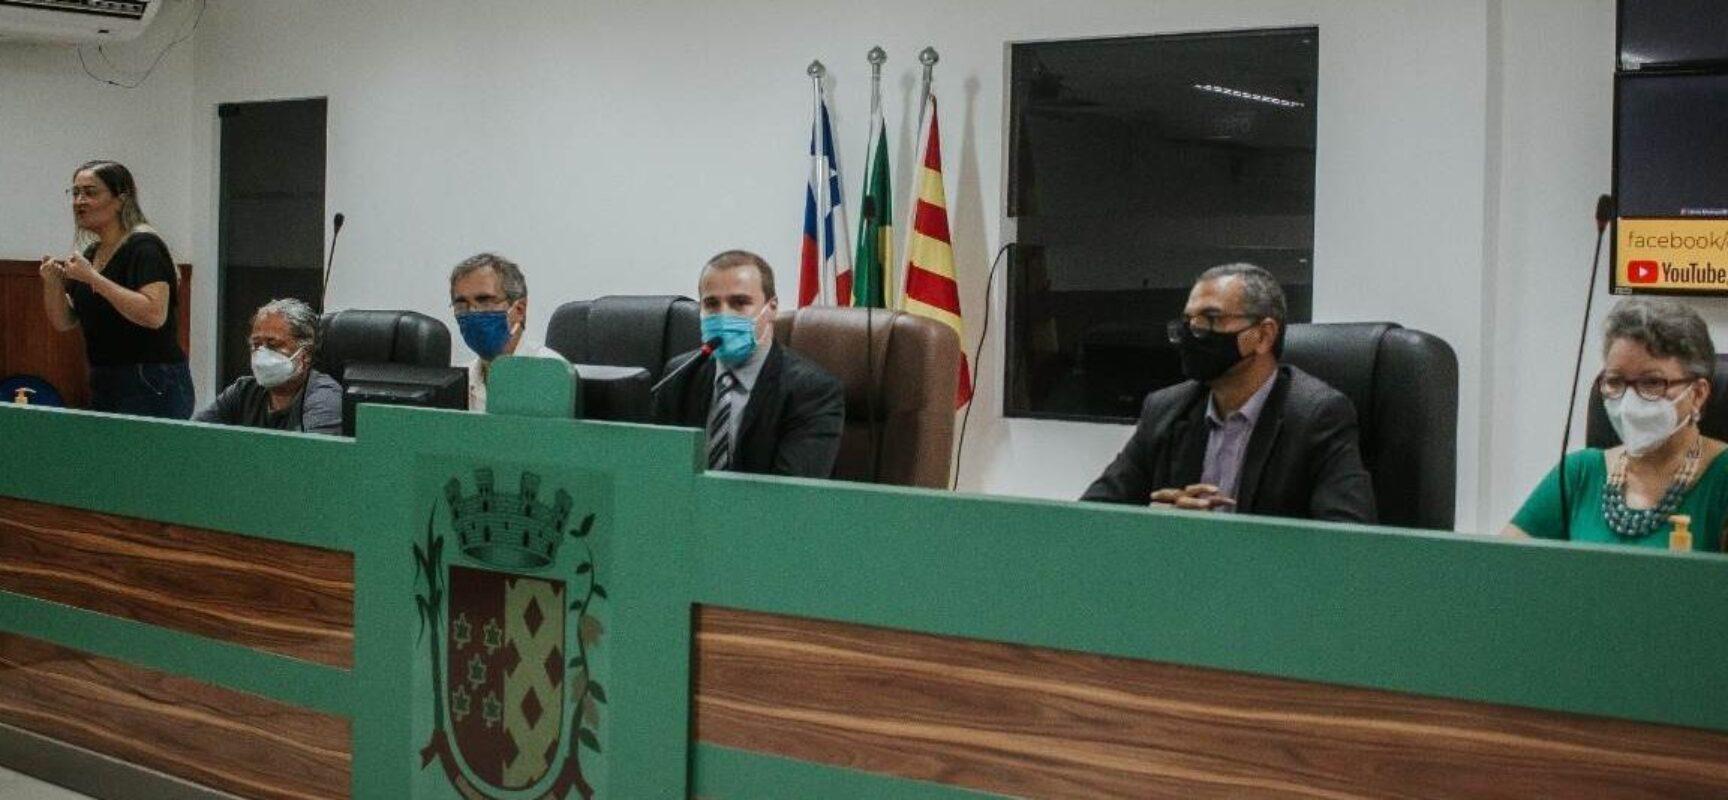 Participação de especialistas deu o tom do lançamento da Frente Parlamentar em Defesa do Meio Ambiente em Ilhéus